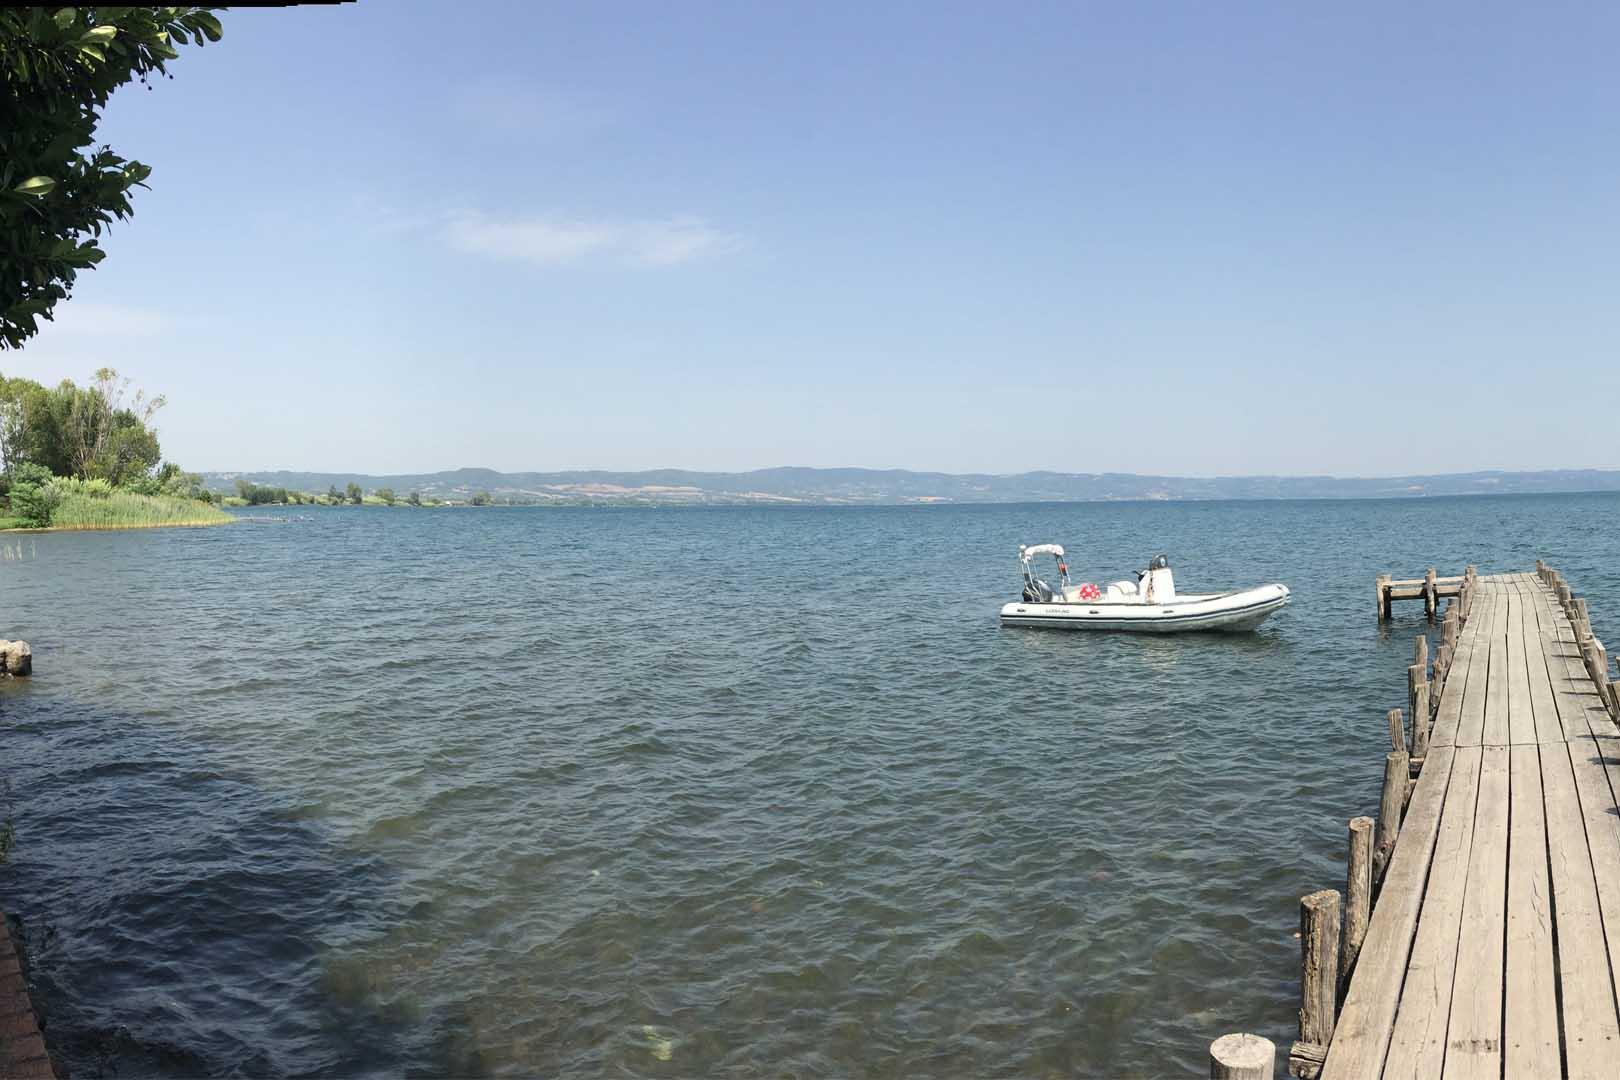 Sagre al lago di Bolsena, il lago che si beve